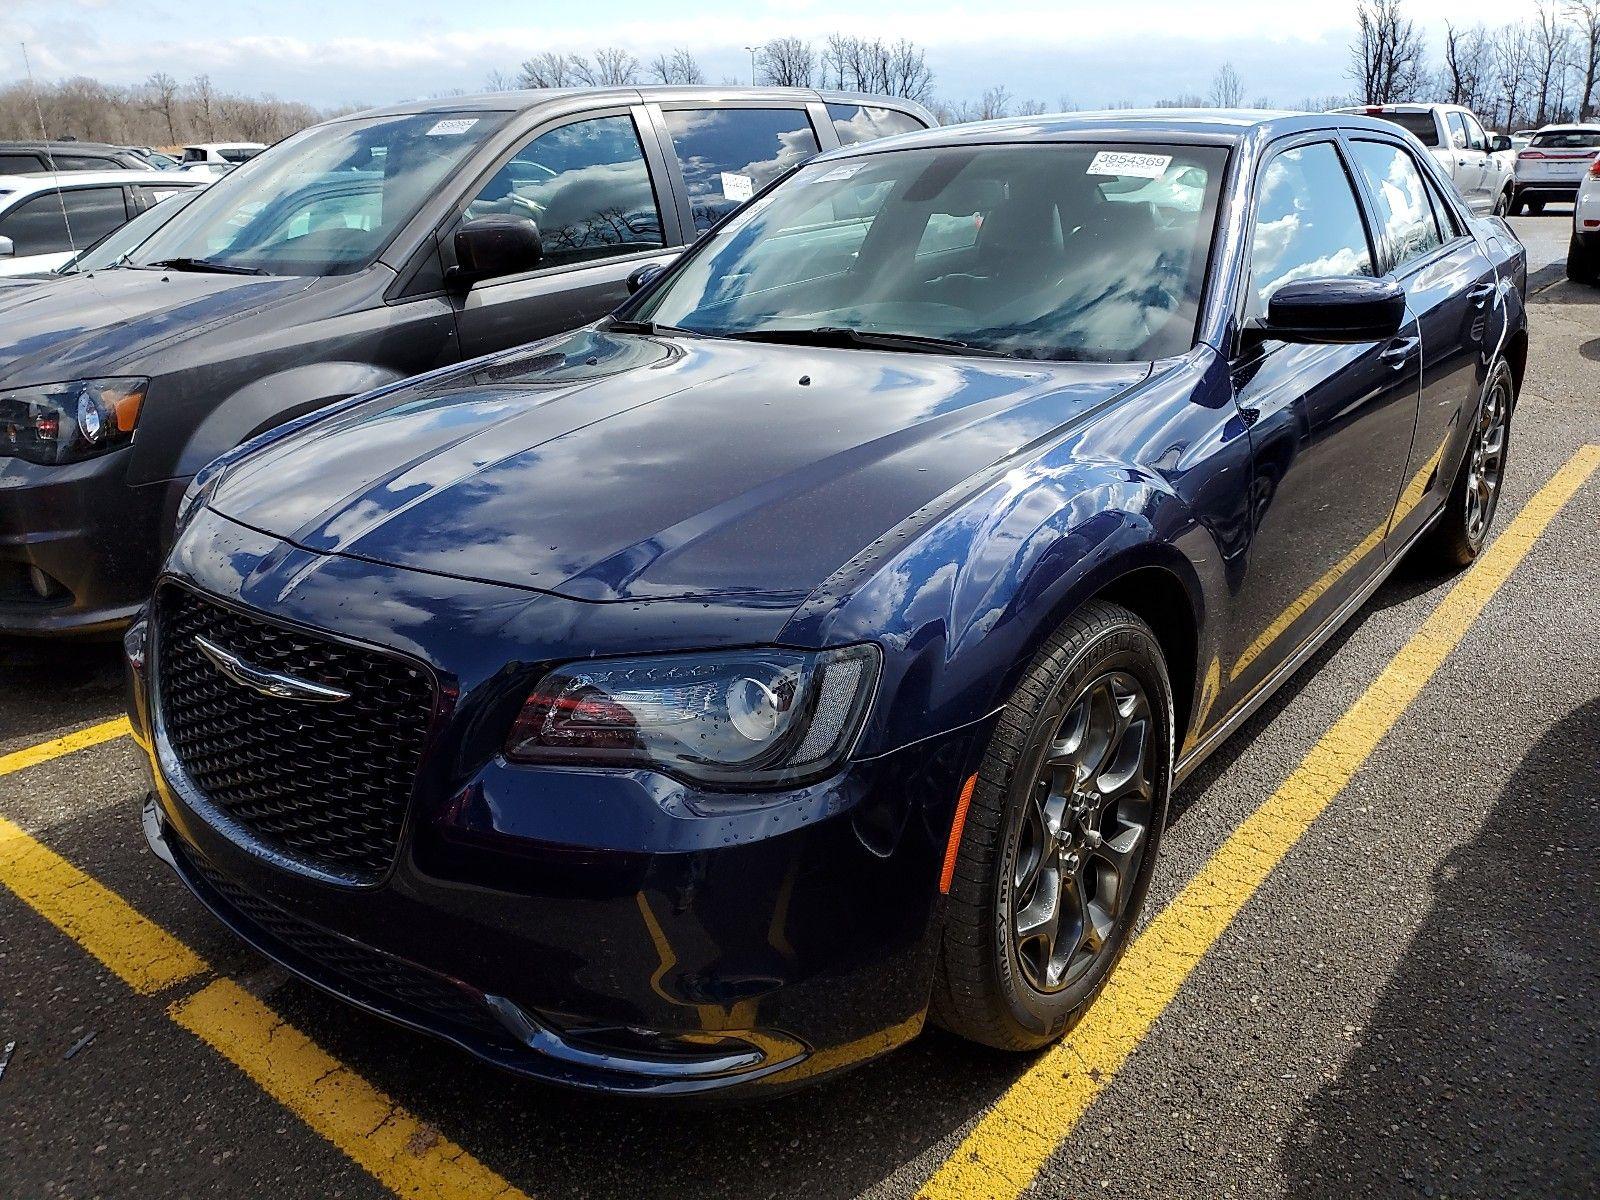 2017 Chrysler 300 3.6. Lot 99913573266 Vin 2C3CCAGGXHH542022